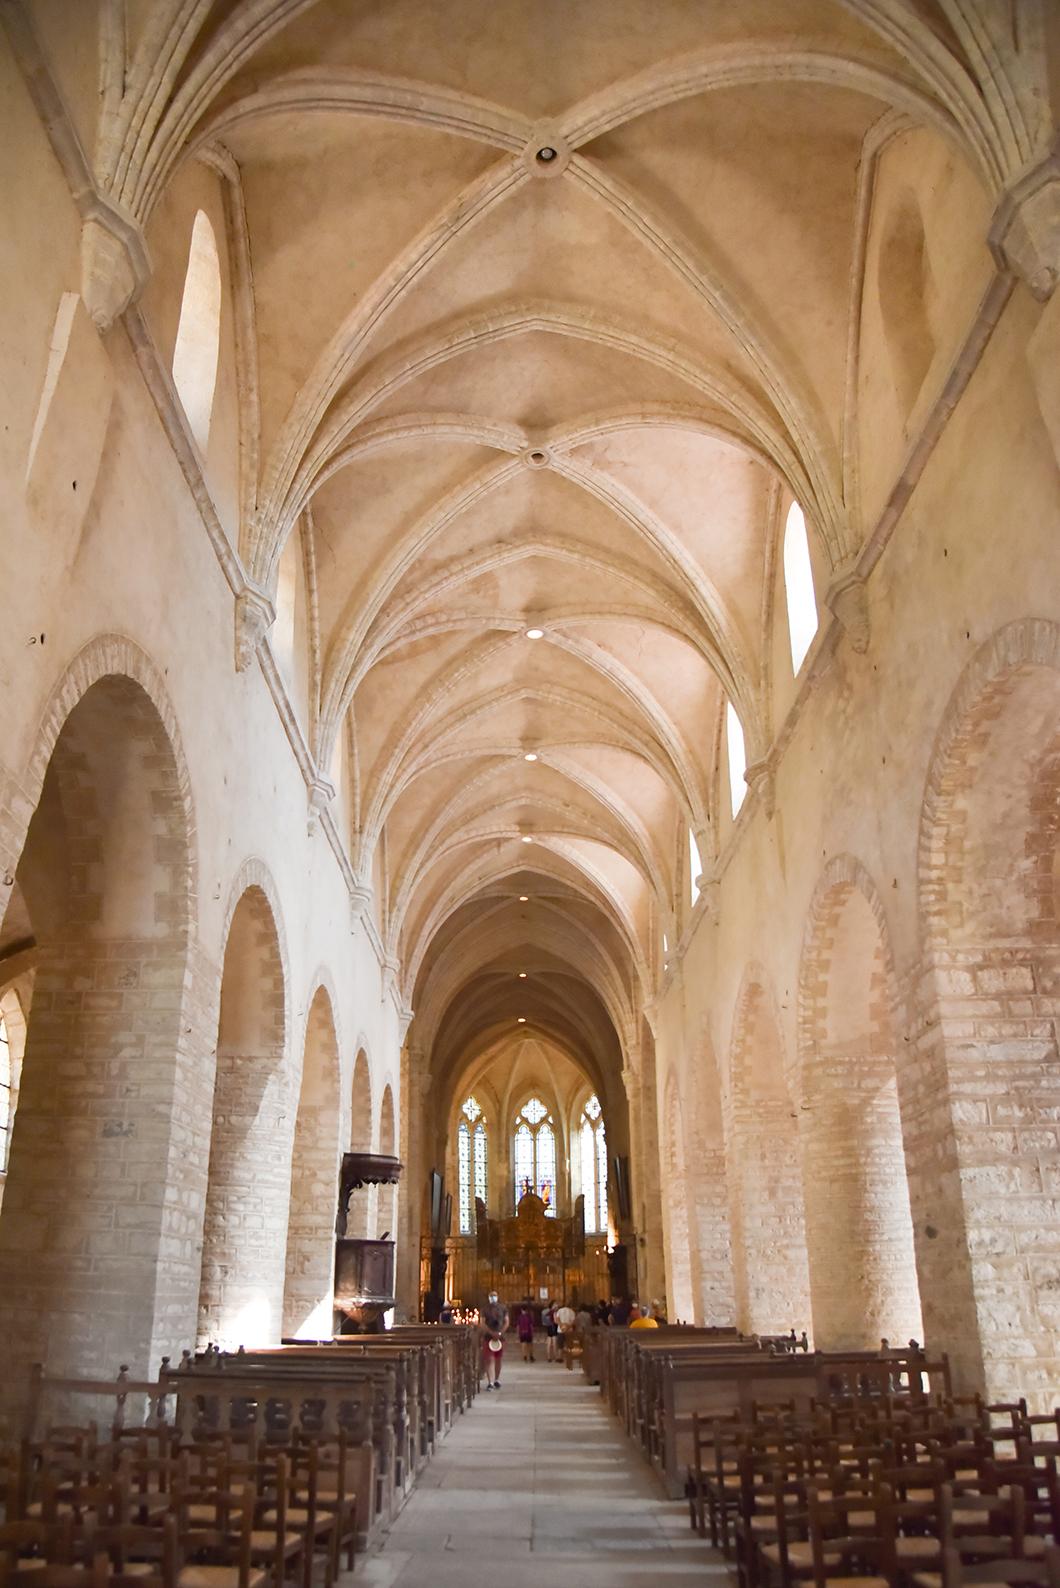 L'Abbaye impériale, visite incontournable à Baume-les-Messieurs